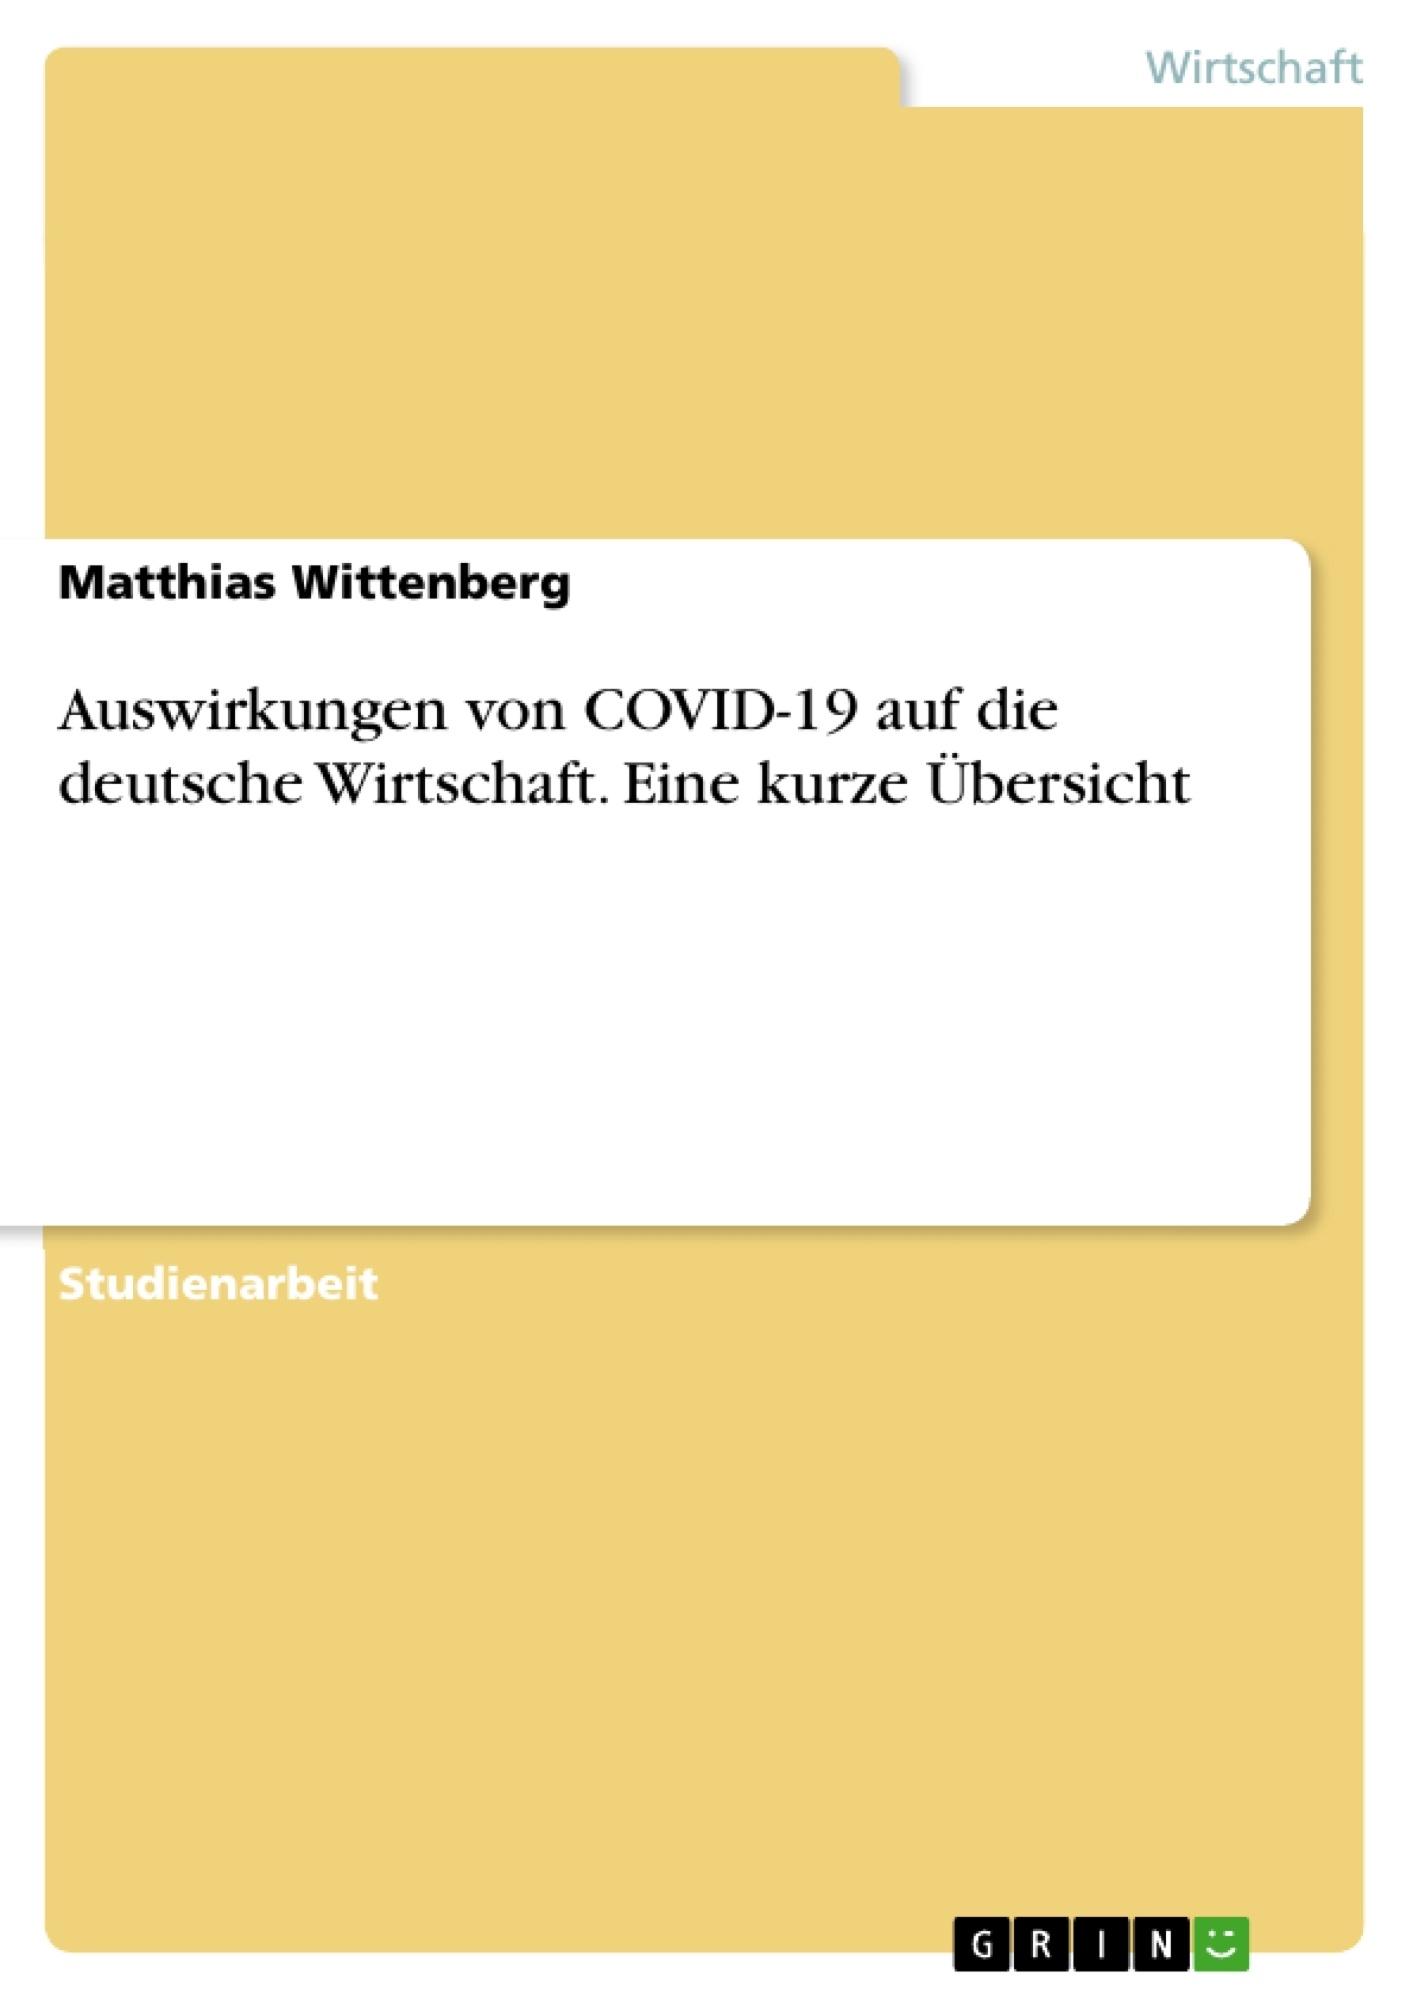 Titel: Auswirkungen von COVID-19 auf die deutsche Wirtschaft. Eine kurze Übersicht